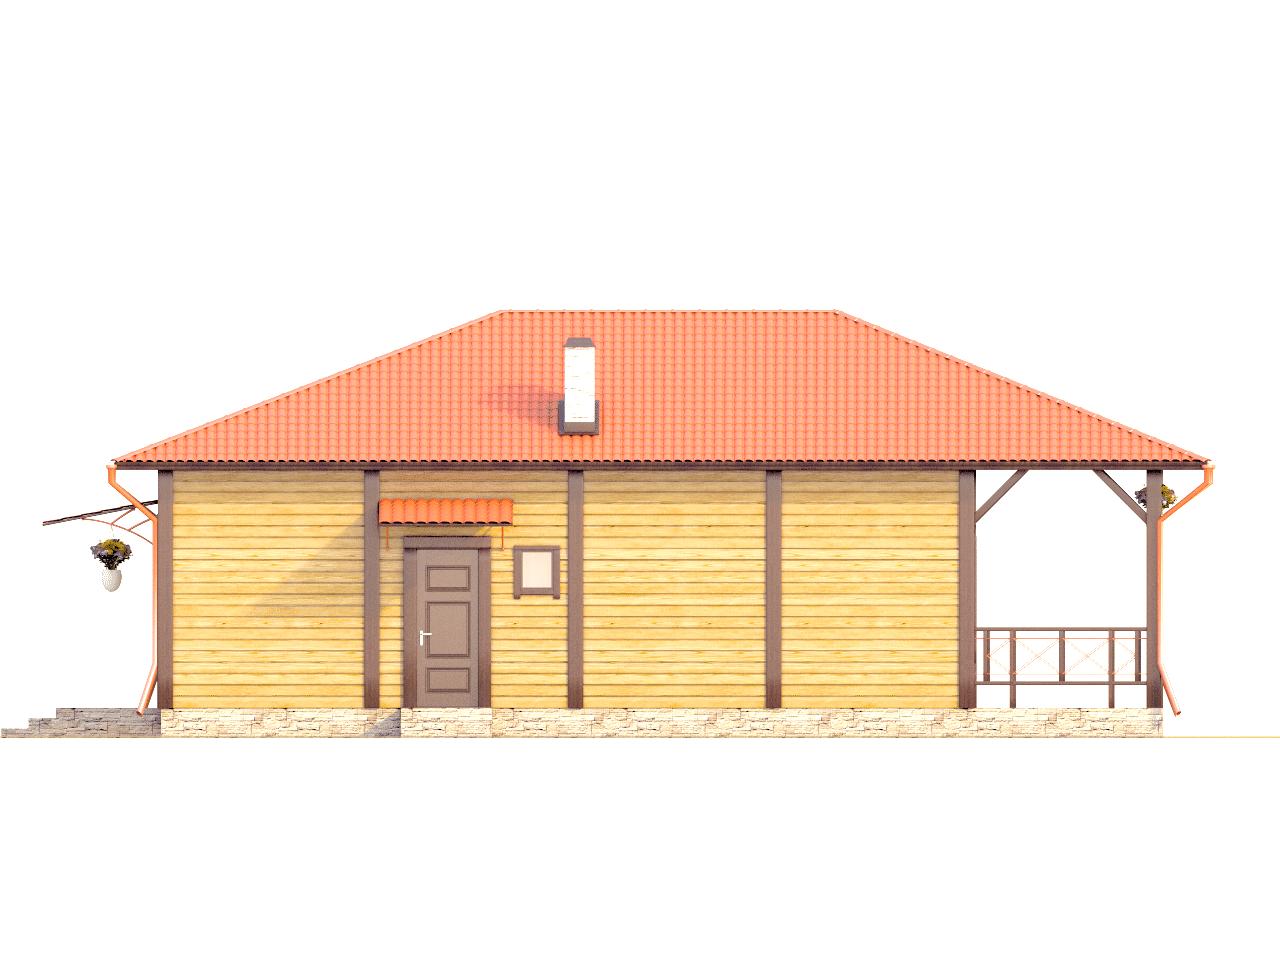 Фасад одноэтажного дома с террасой «КО-73» - справа